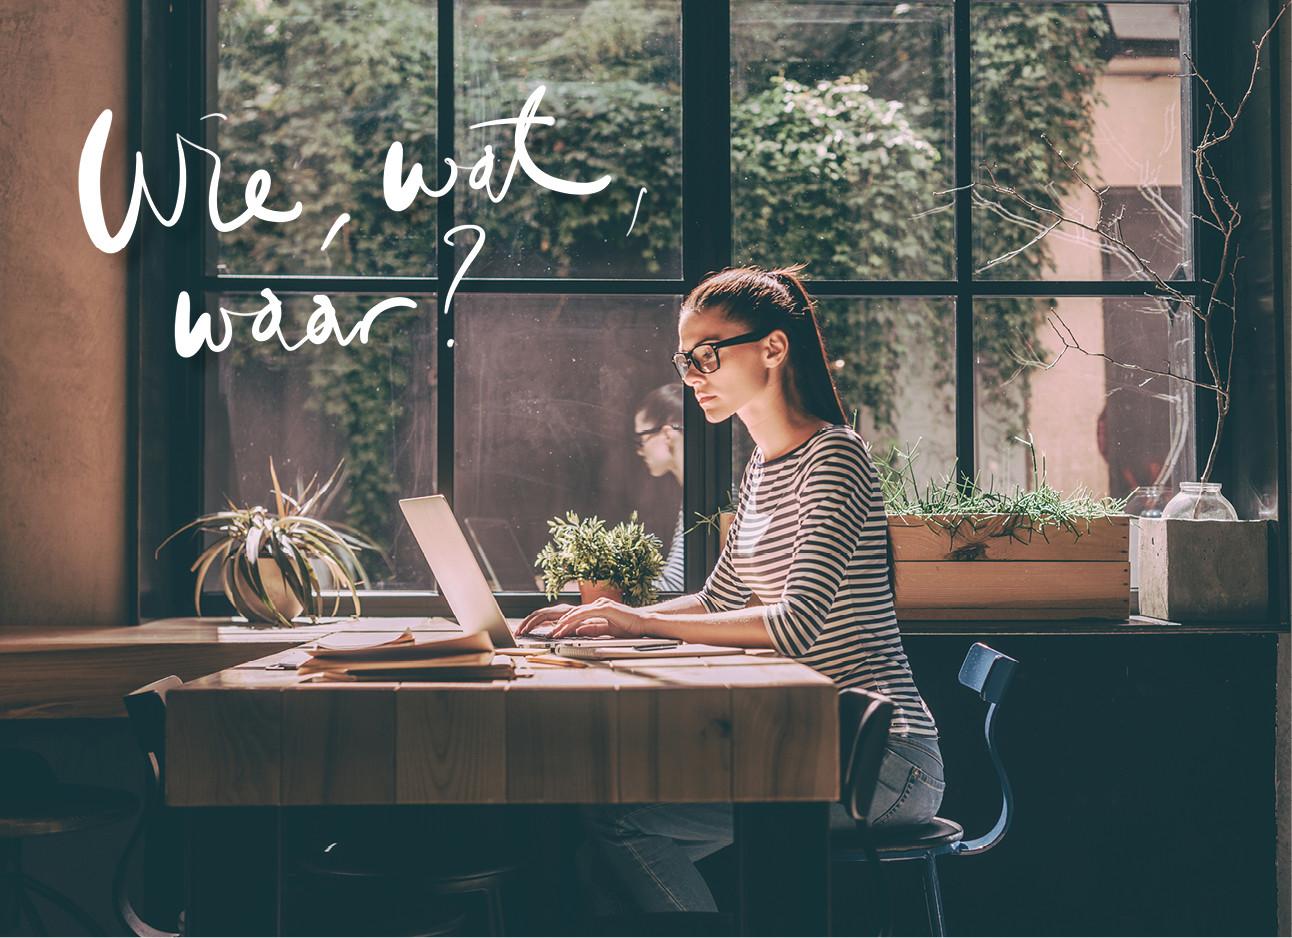 een meisje dat in een cafe achter een laptop zit te werken